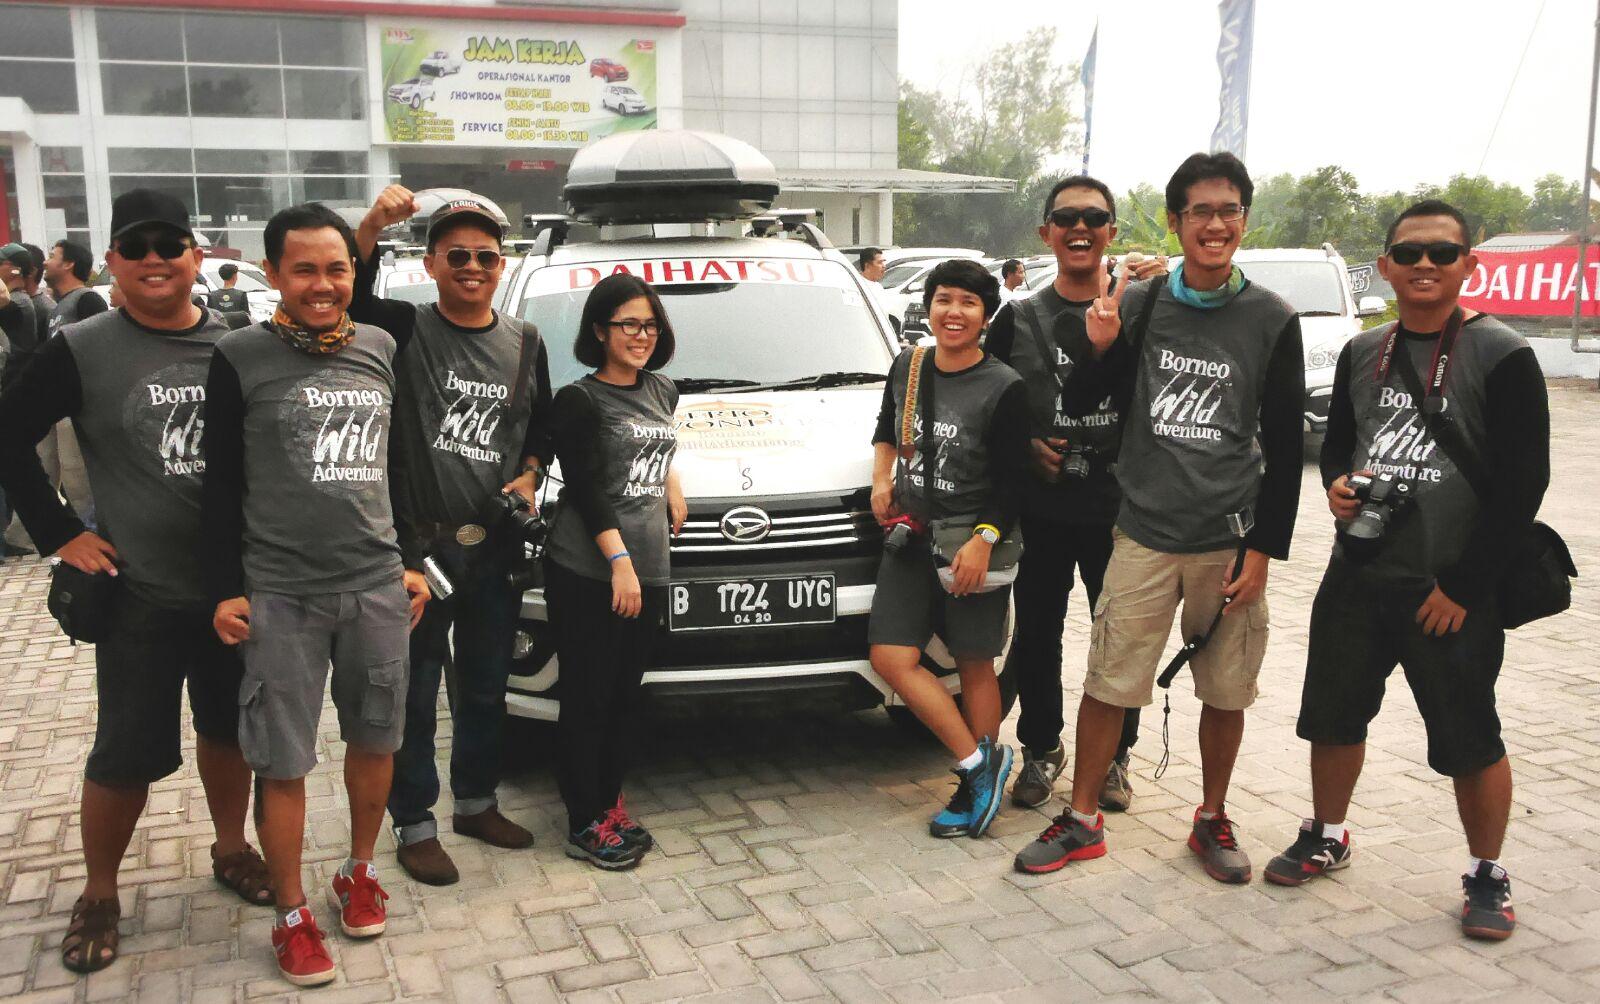 Tim Bloggers di Terios 7 Wonders Borneo Wild Adventure! Ada yang bisa tebak difoto ini siapa saja? Coba sebutin satu-satu di komentar :D